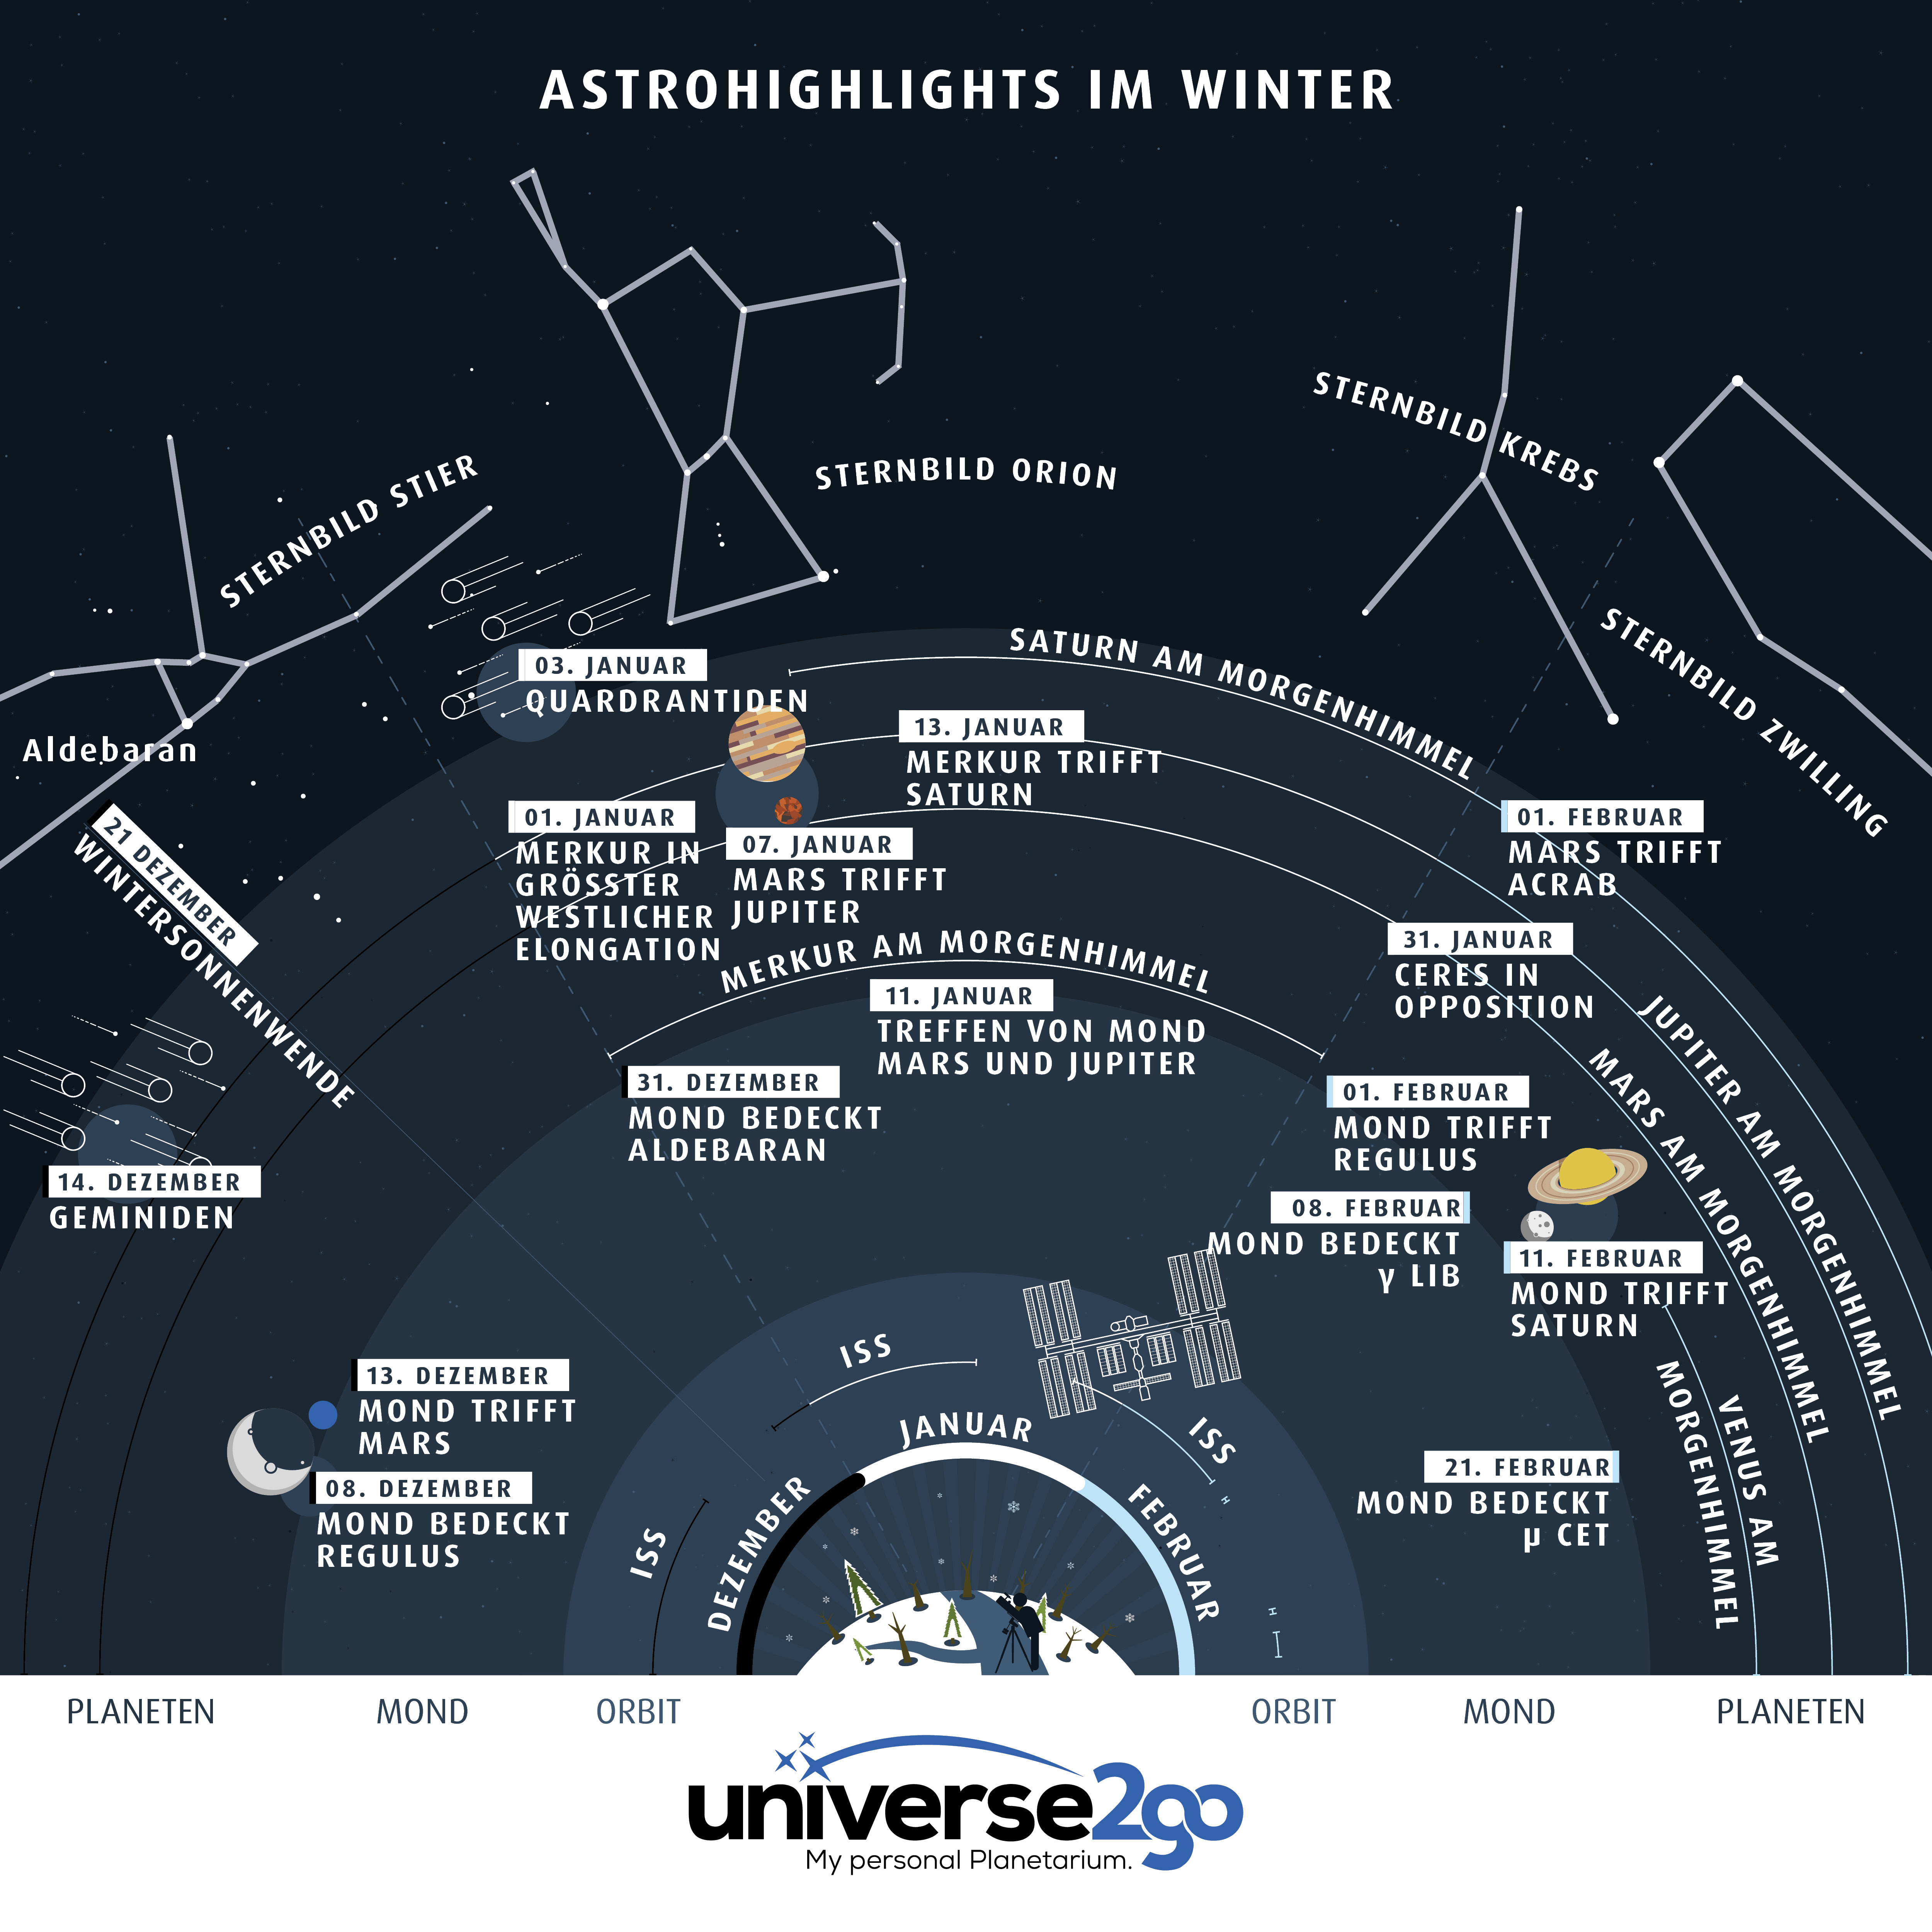 https://blog.astroshop.de/wp-content/uploads/2017/12/u2g-infografik-himmelsfahrplan-winter-de-web.jpg